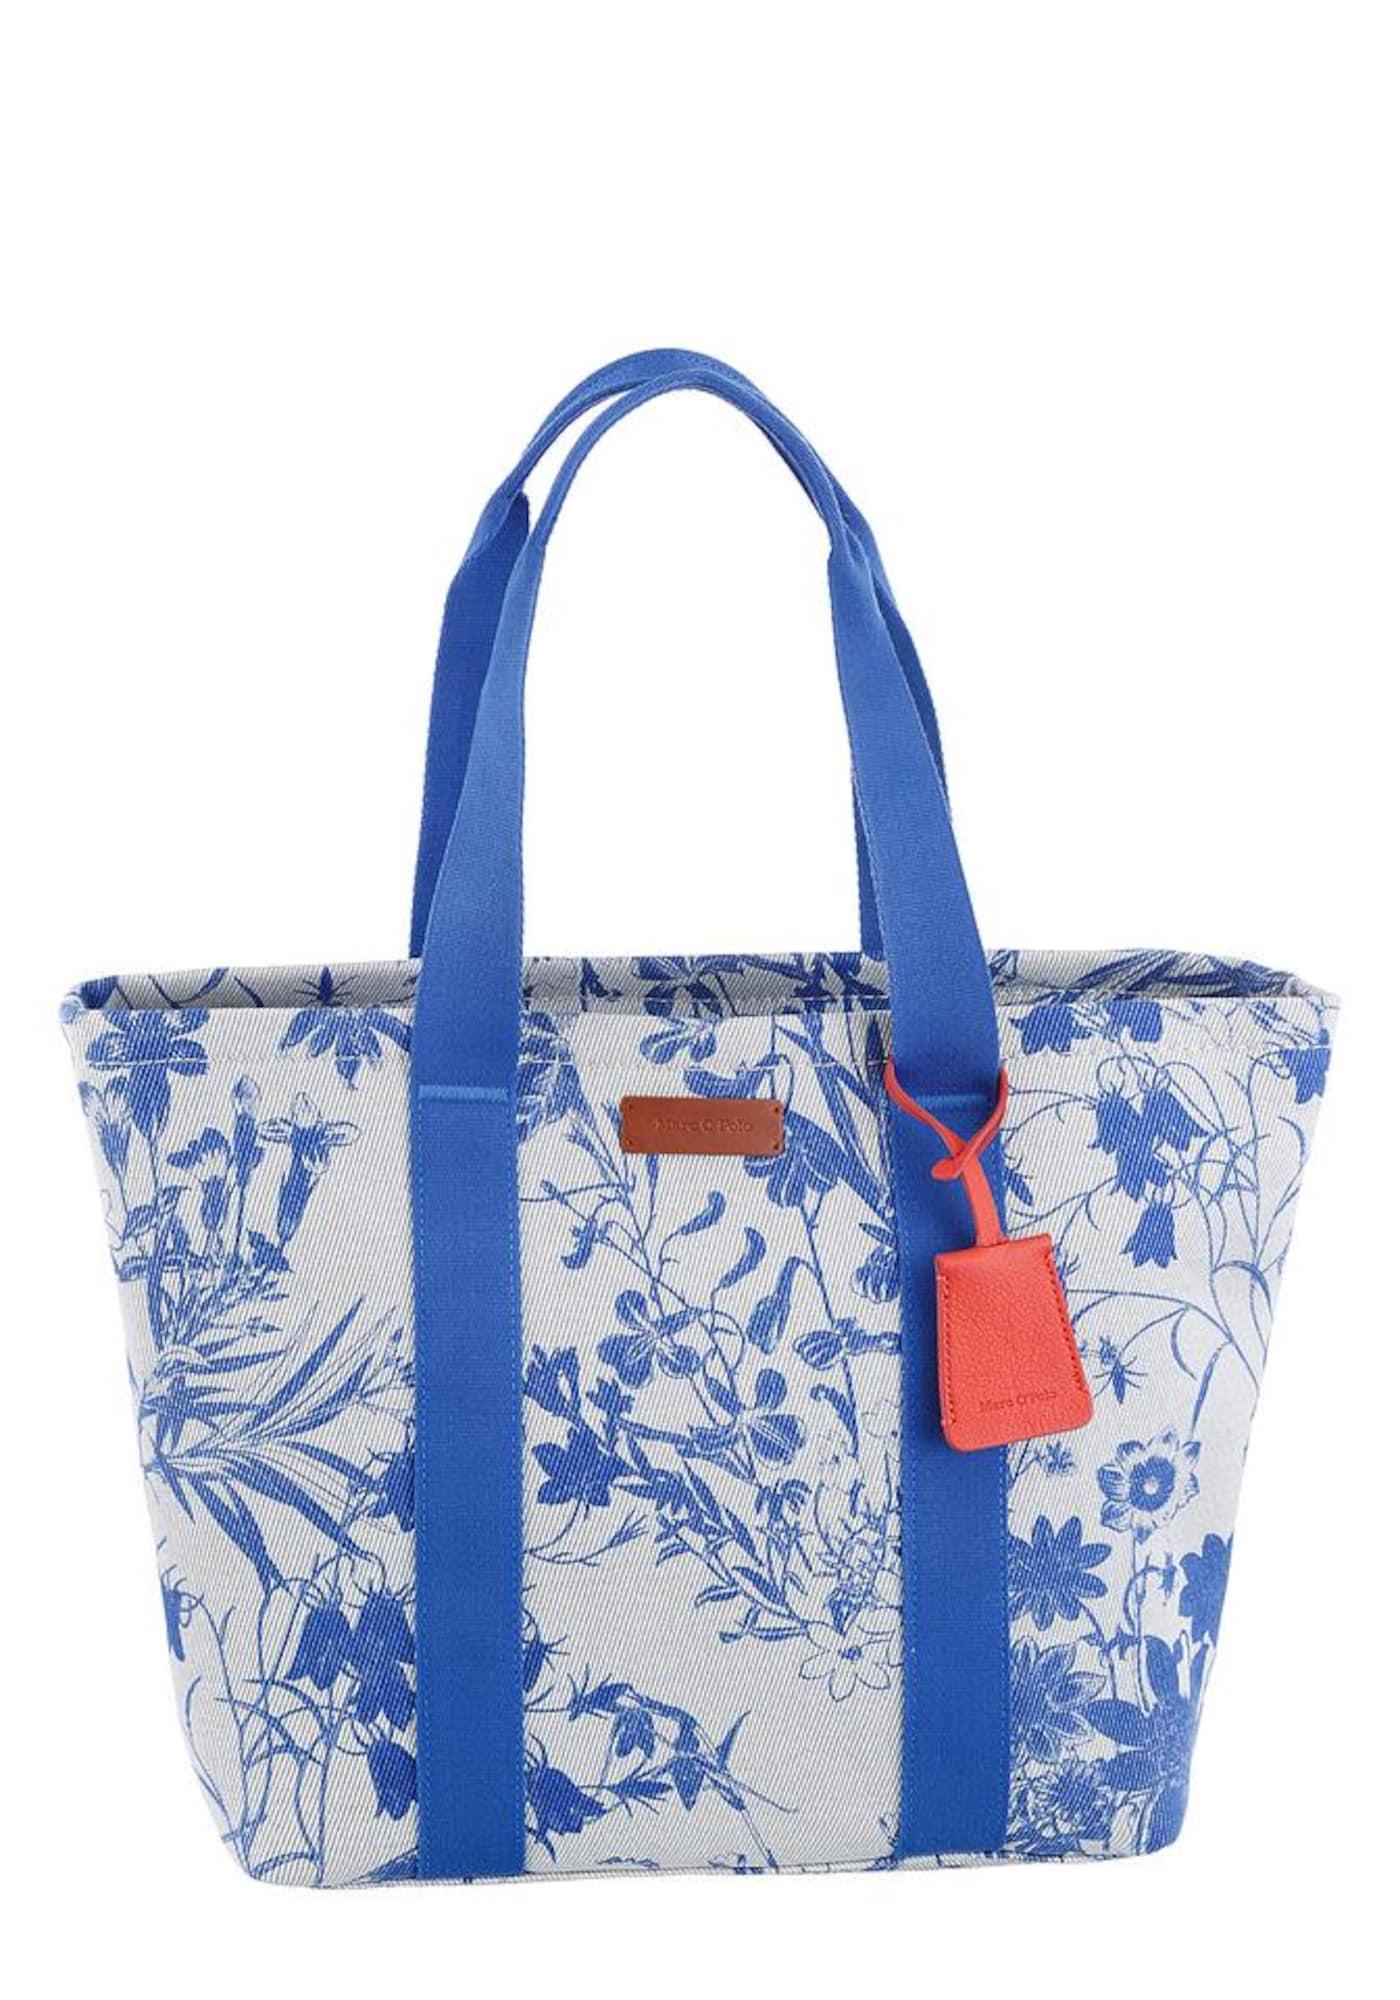 24f9d9912aa4d Taschen Handtaschen   Sporttaschen